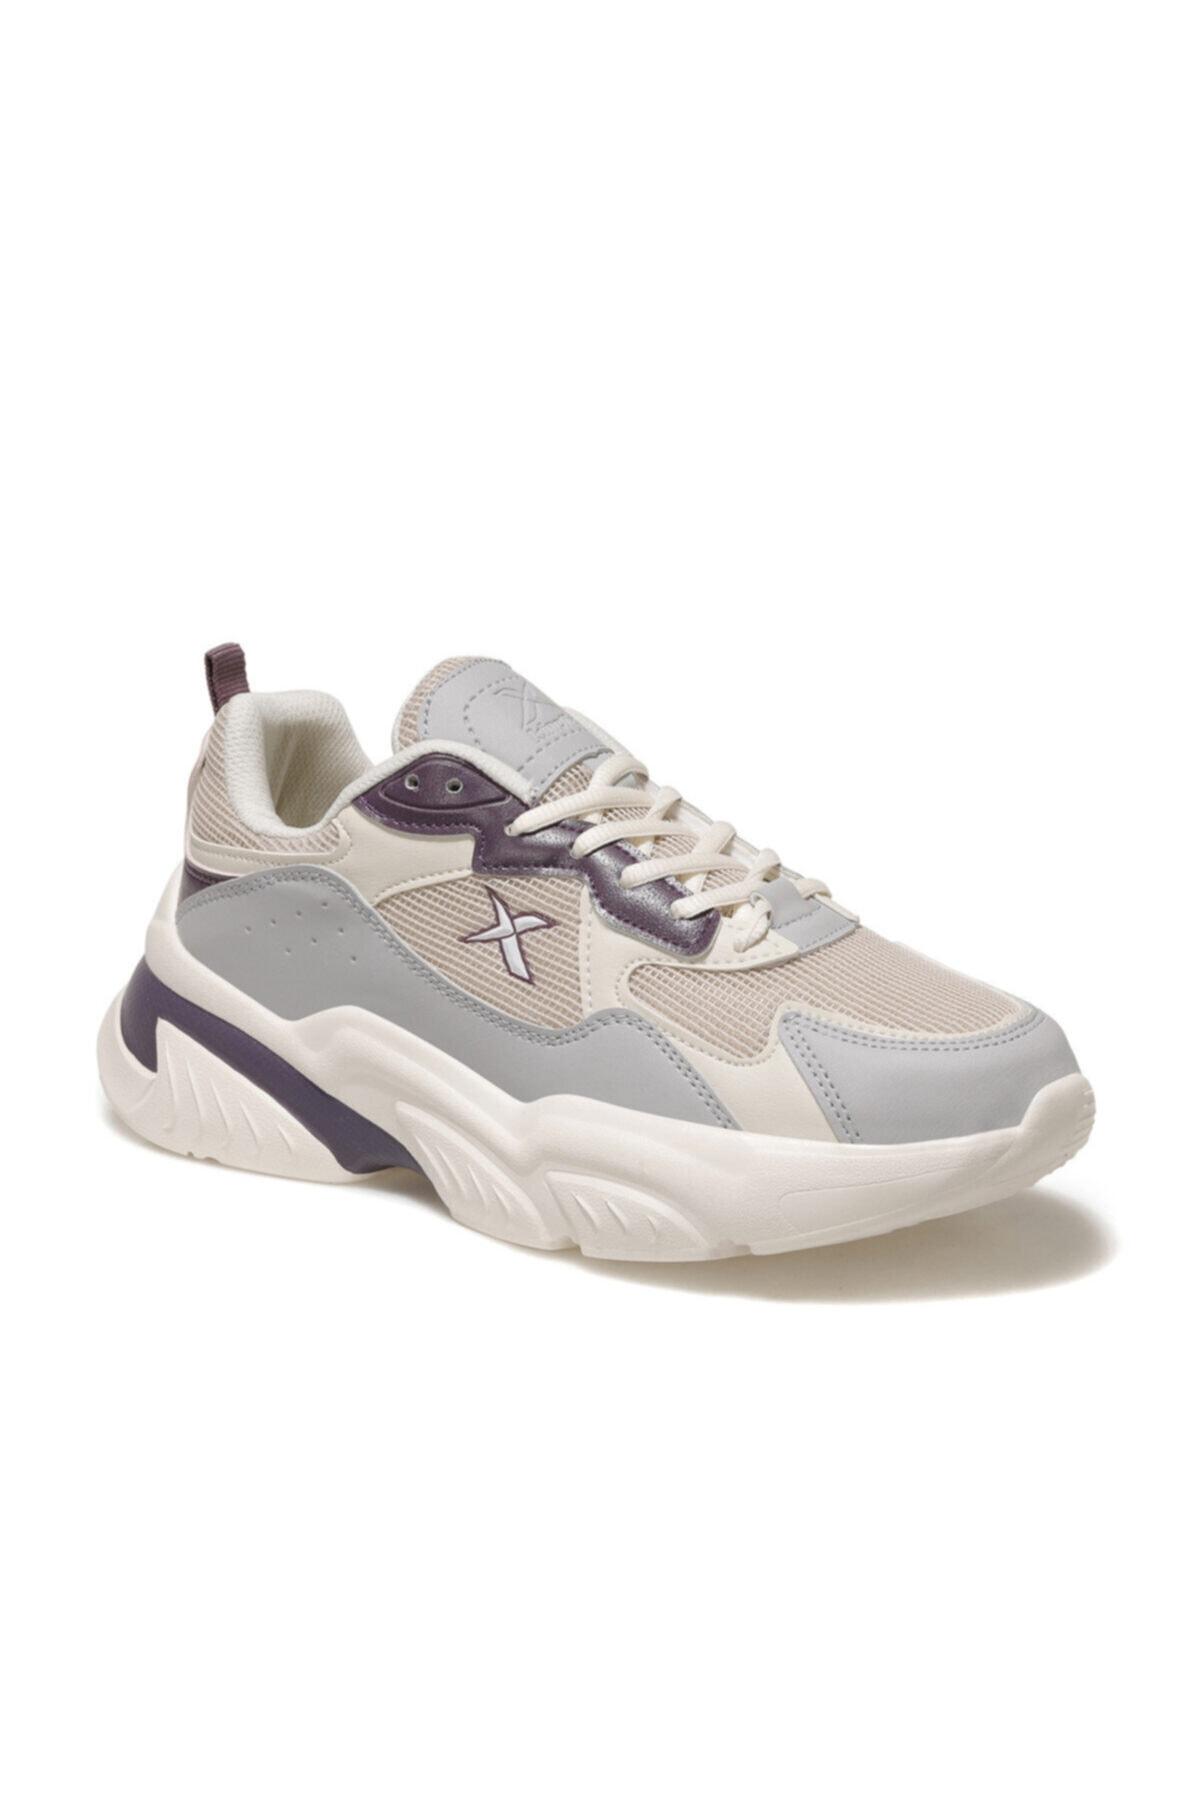 Kinetix VILMA W Beyaz Kadın Sneaker Ayakkabı 100547090 1